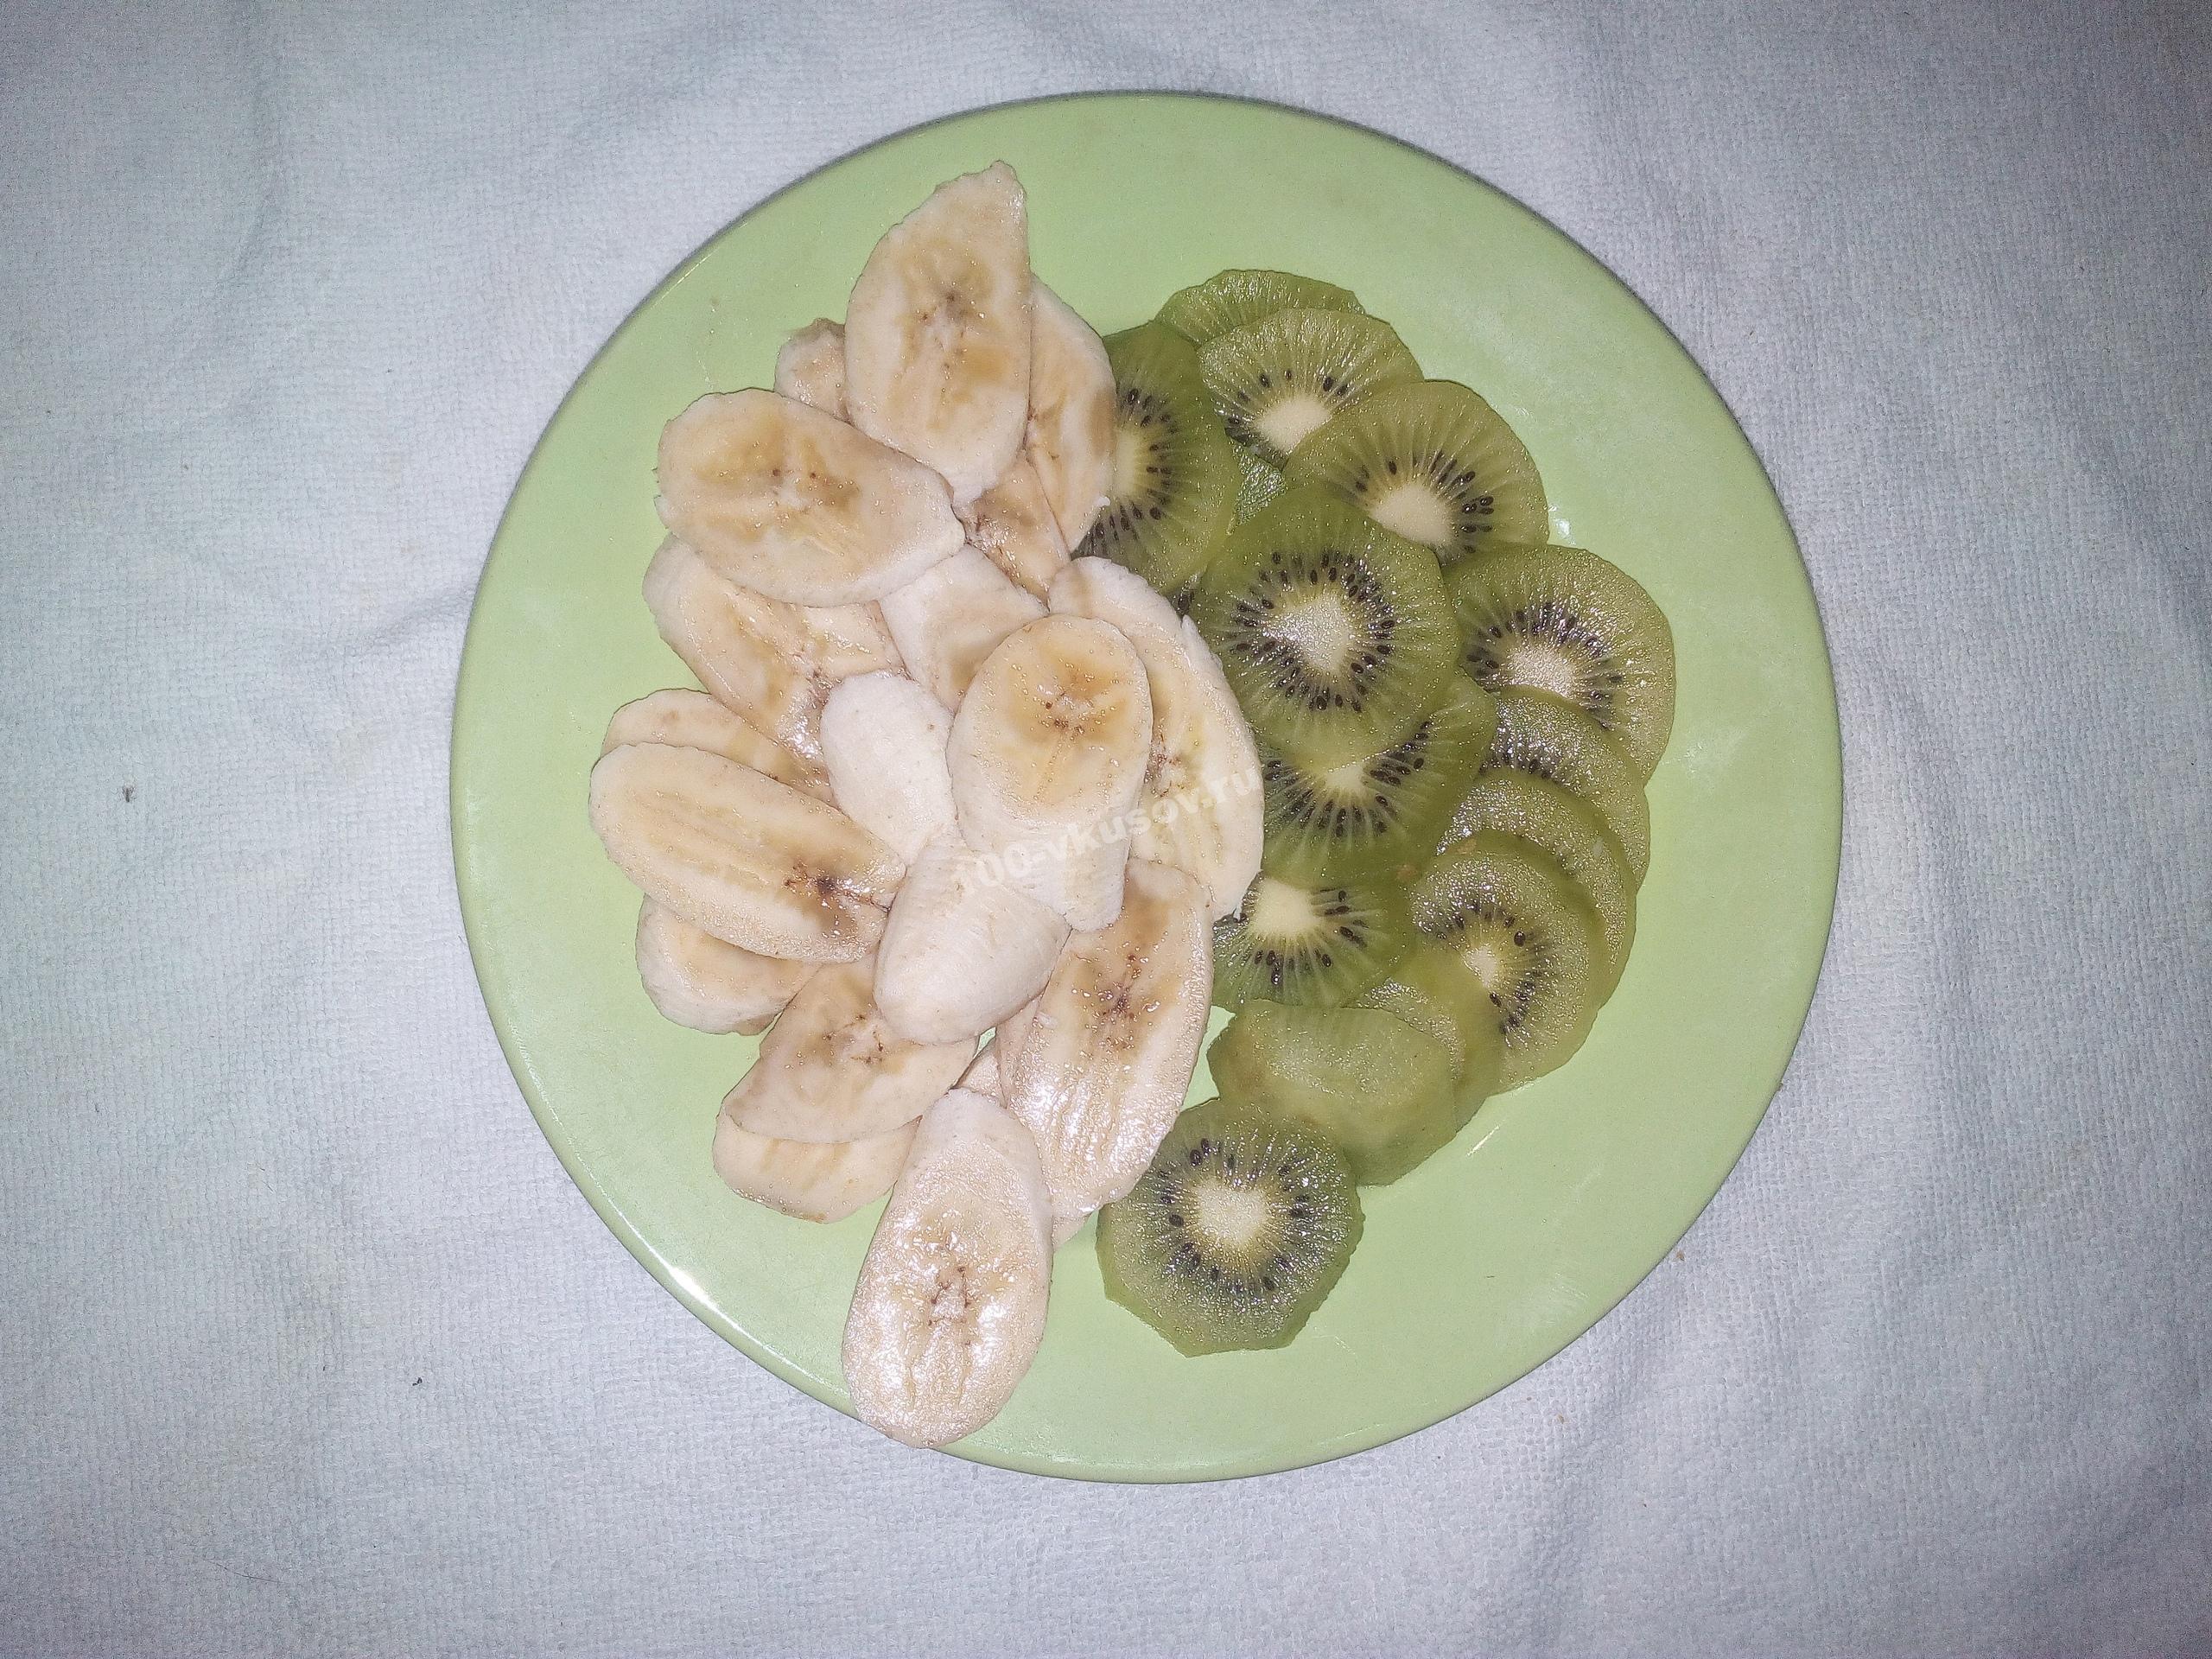 Нарезанные банан и киви